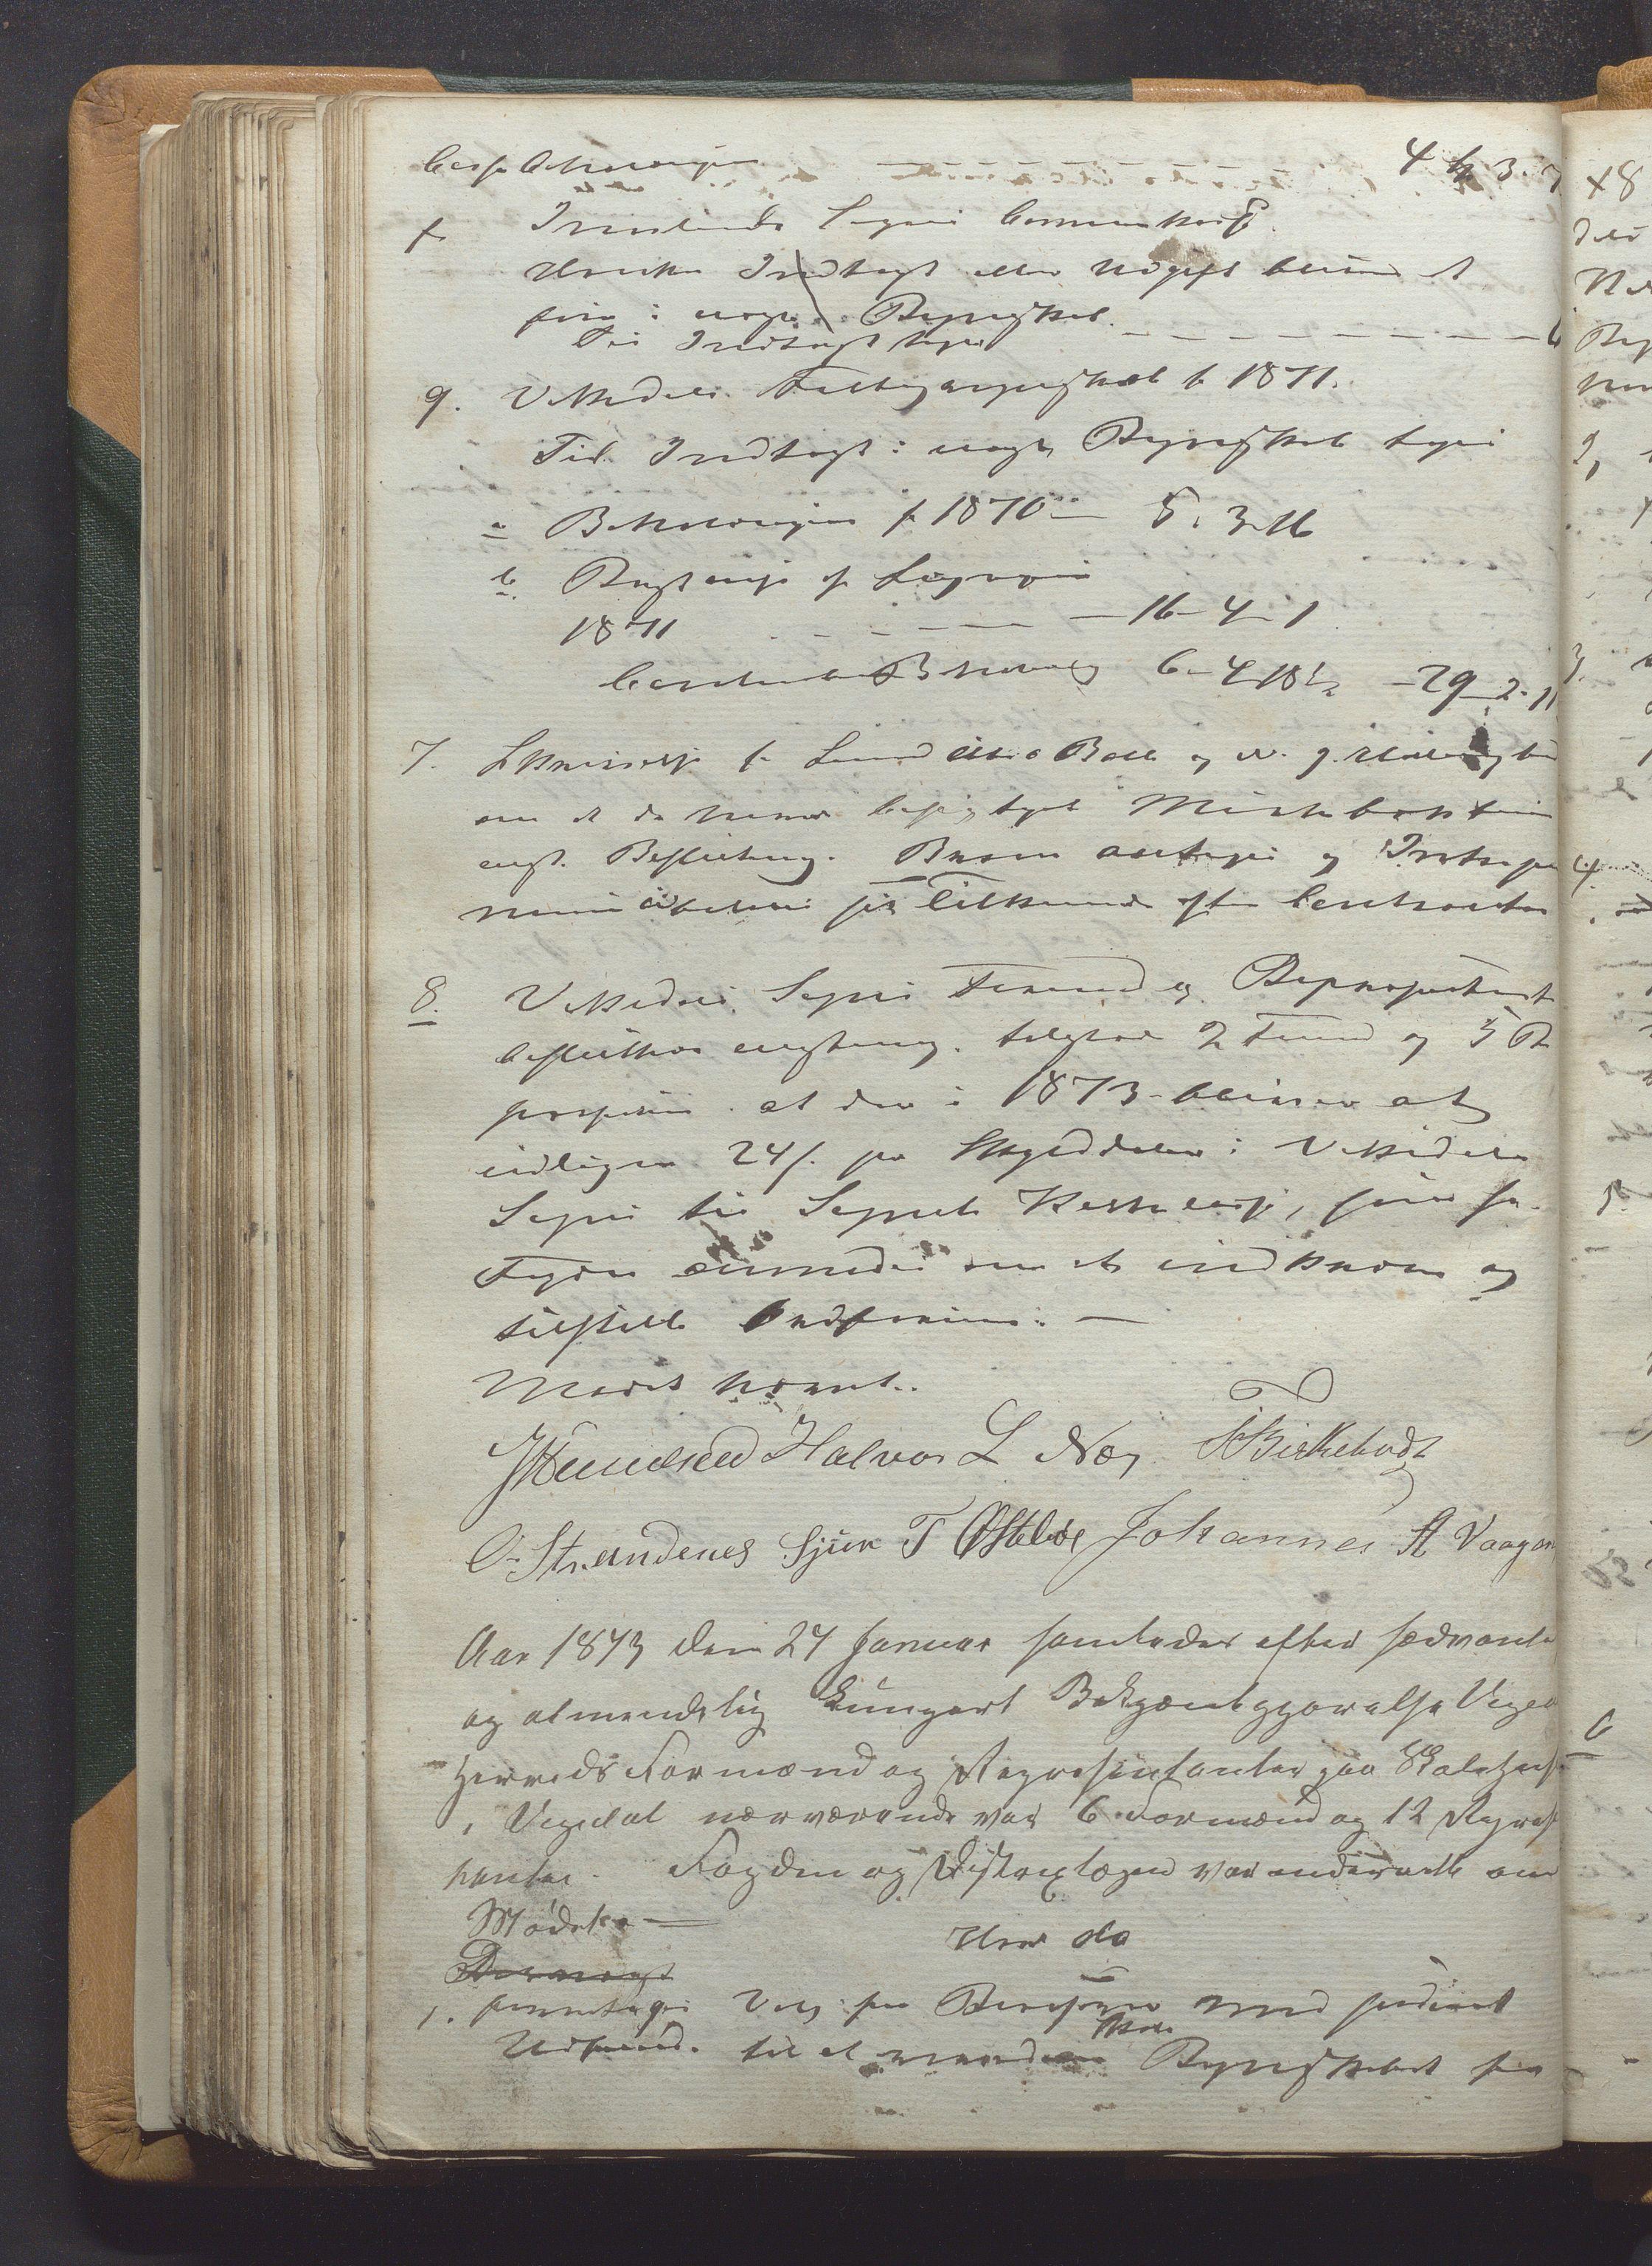 IKAR, Vikedal kommune - Formannskapet, Aaa/L0001: Møtebok, 1837-1874, s. 218b